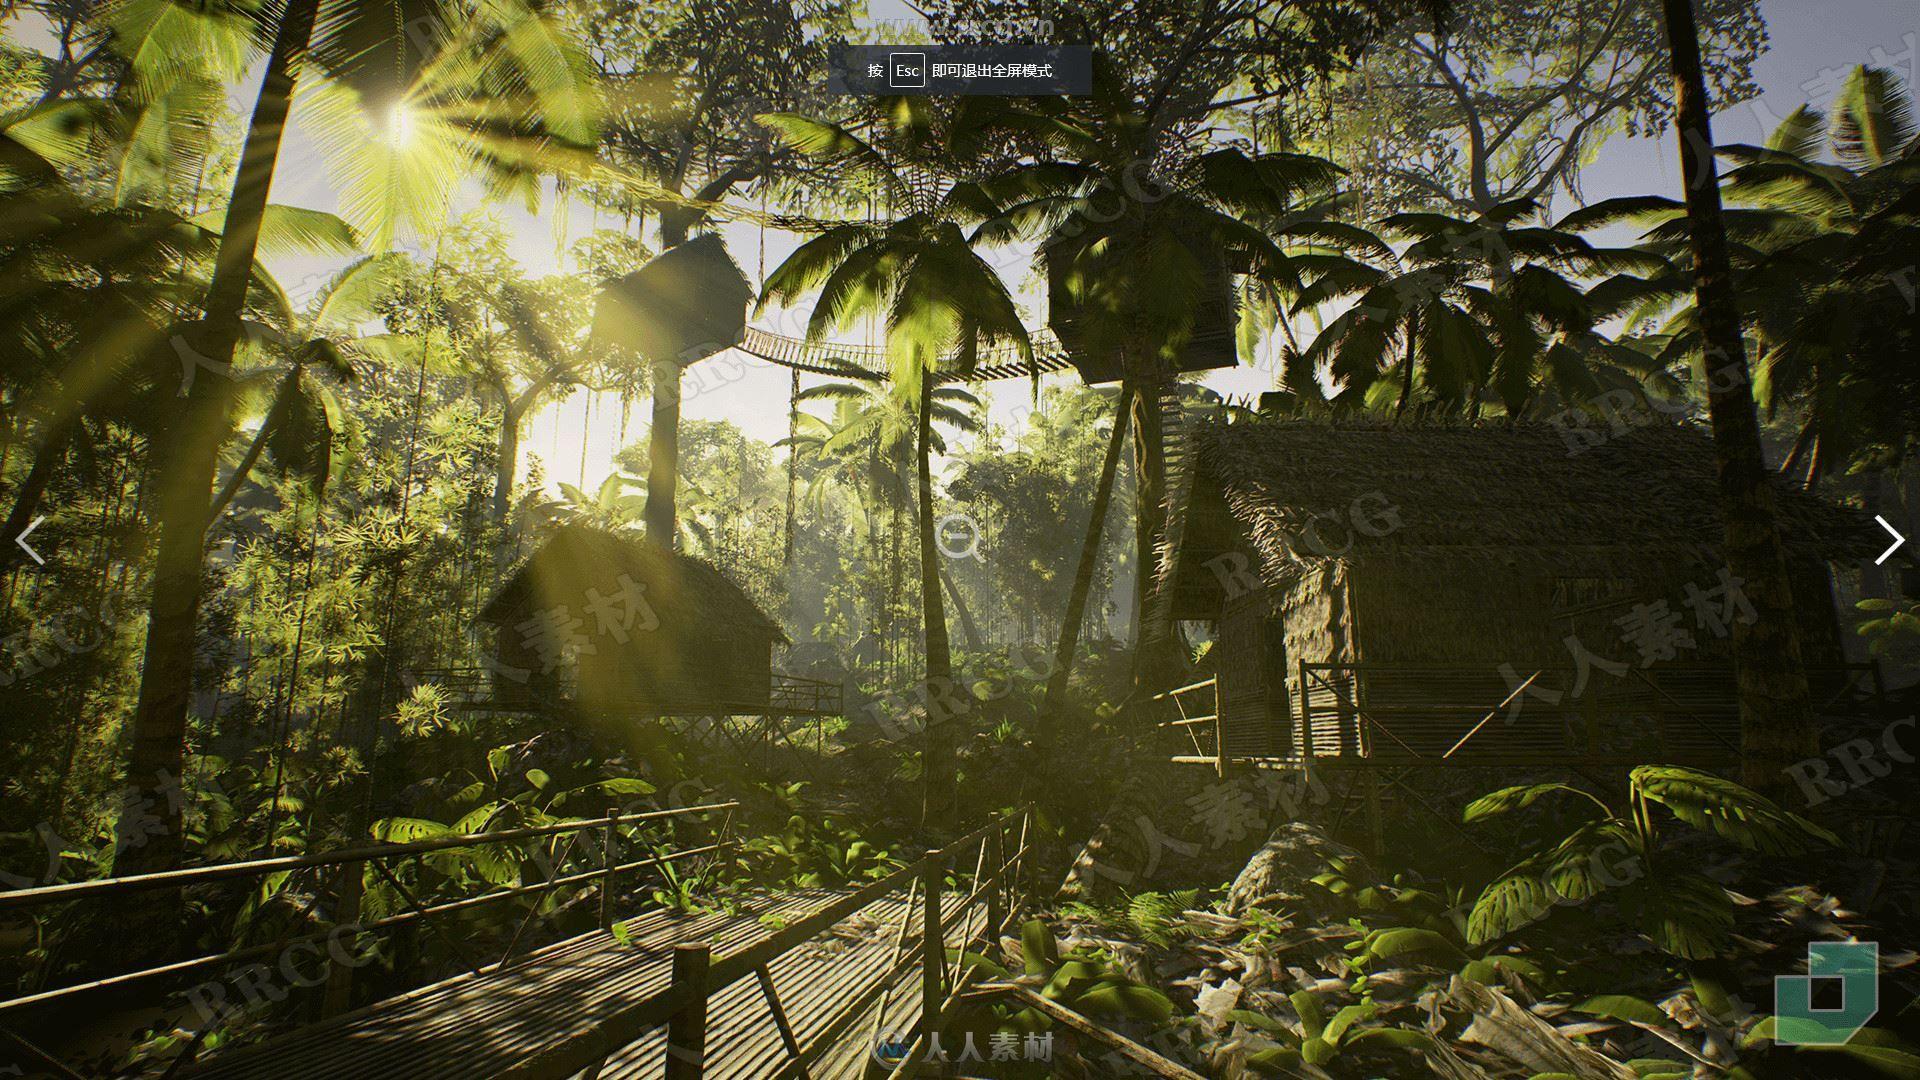 森林植被林间小屋景观场景UE4游戏素材资源